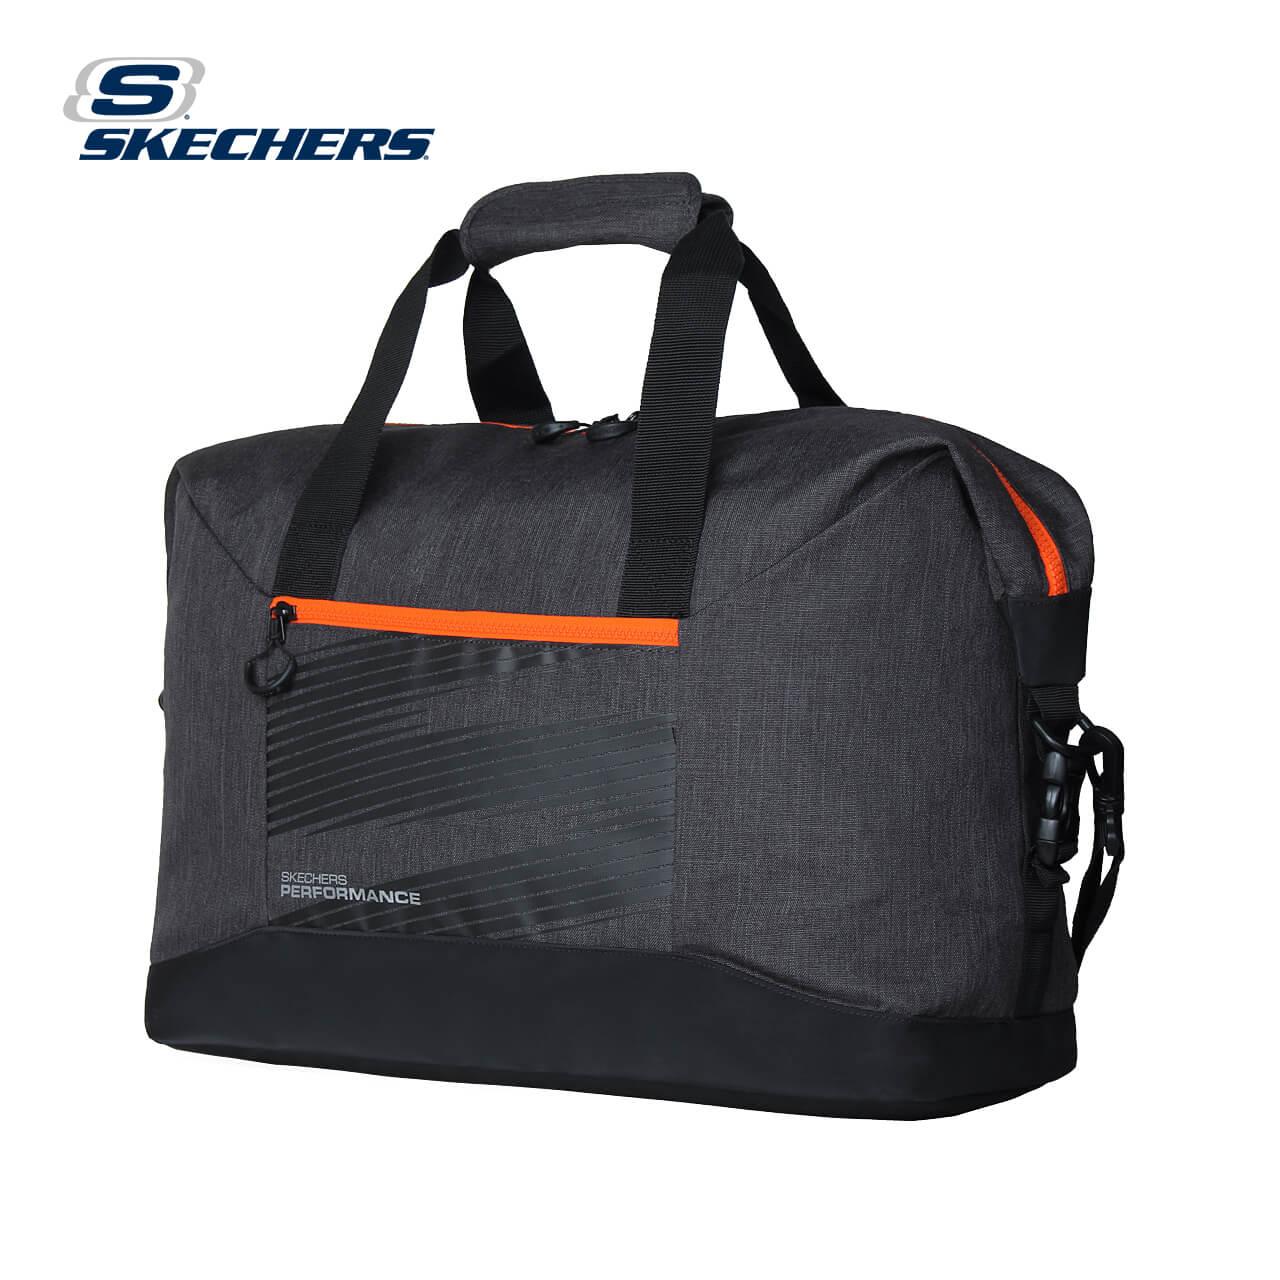 Skechers скай странный 28.8L случайный фитнес движение пакет портативный сумка обучение пакет SBMU17708